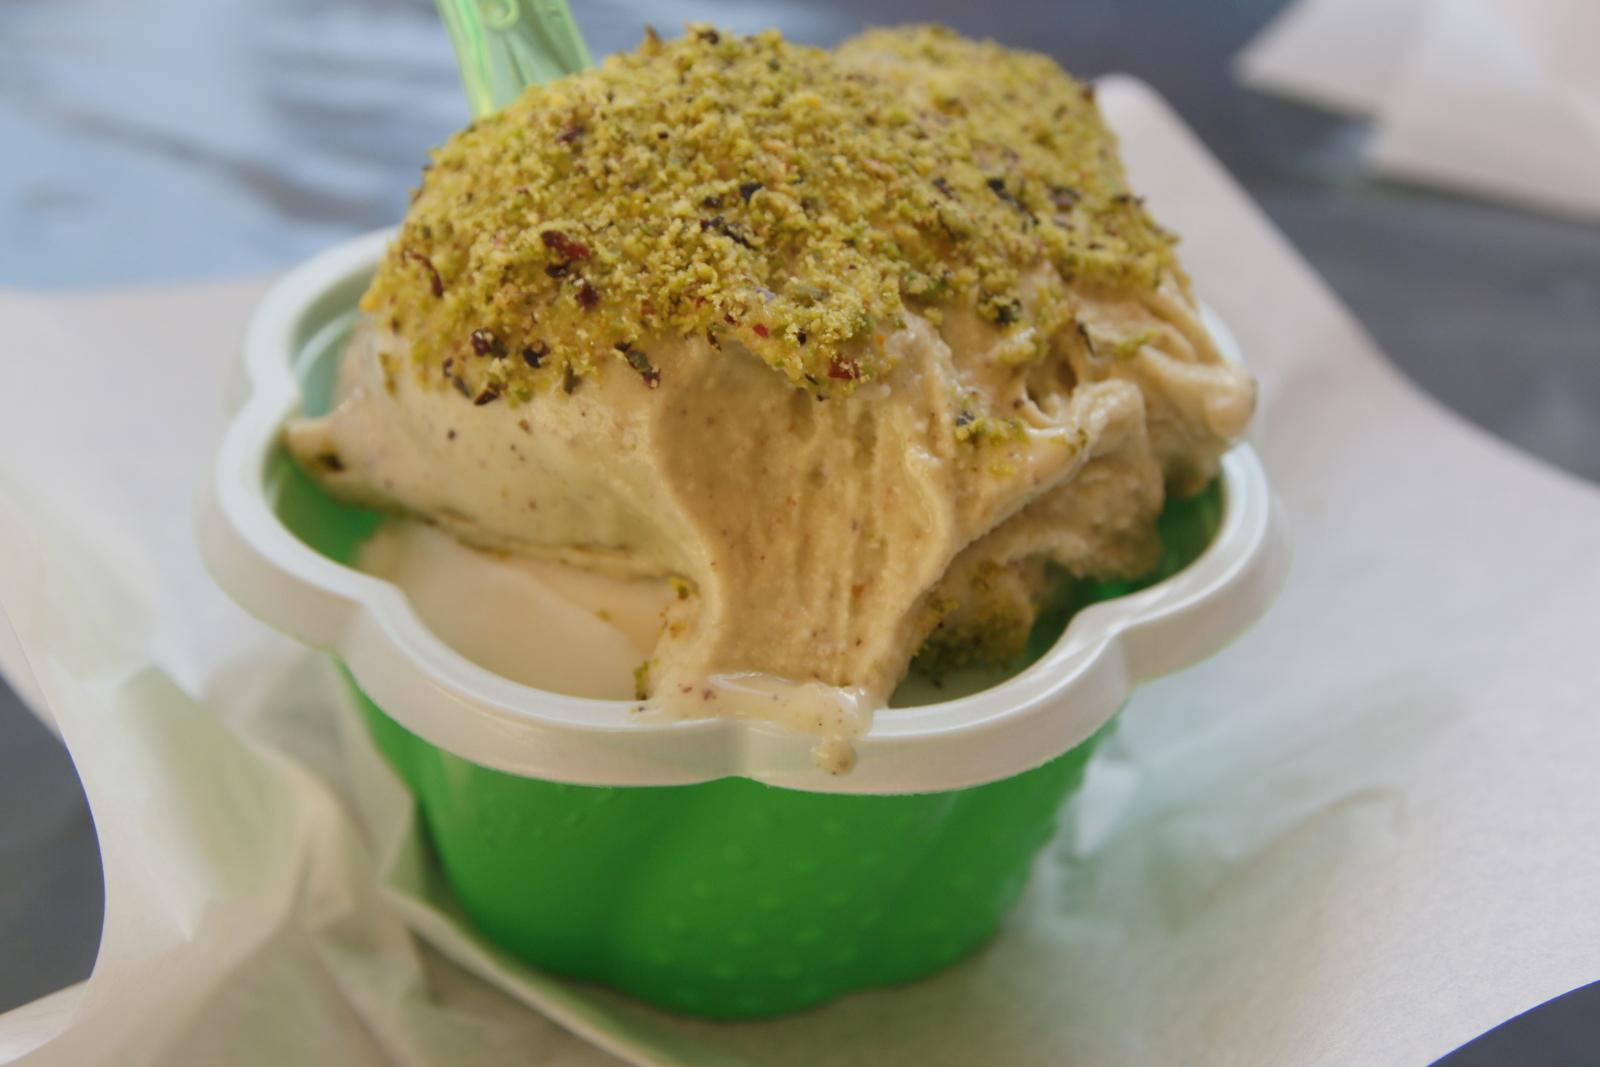 Bronte, pistacijin sladoled je na Siciliji vrhunski